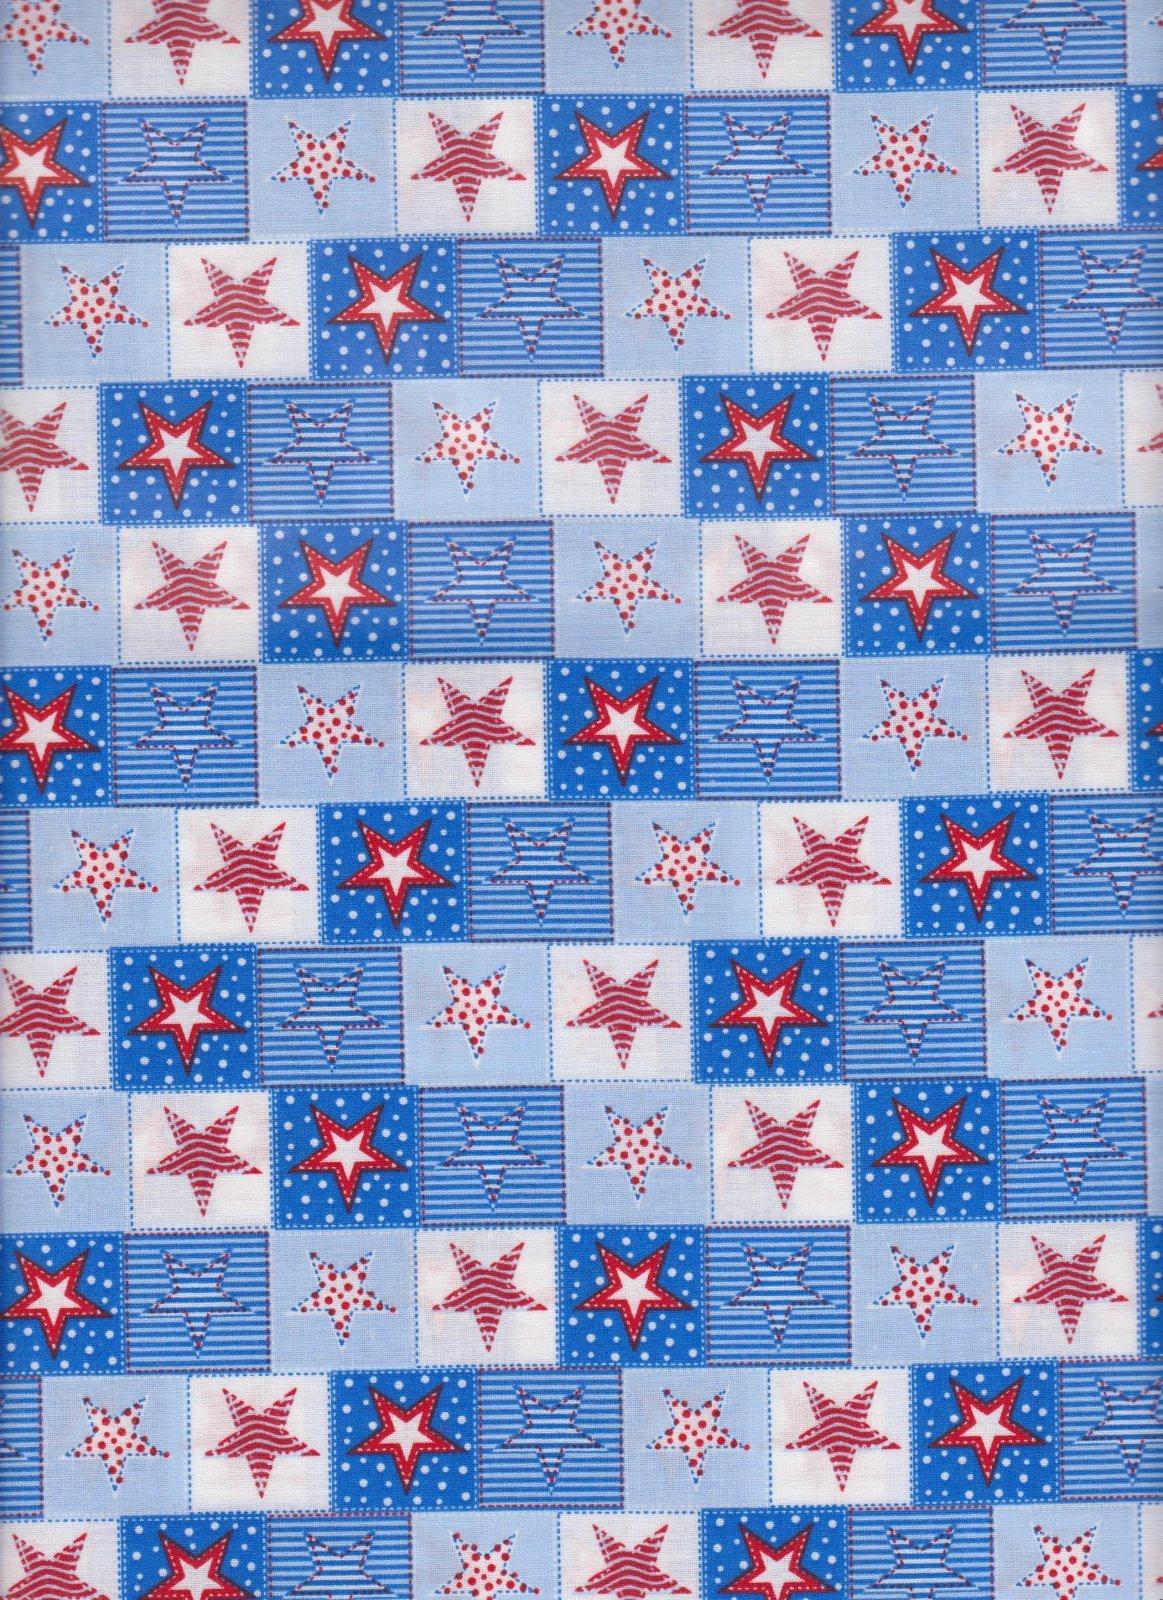 23836 Patriotic Quilted Stars